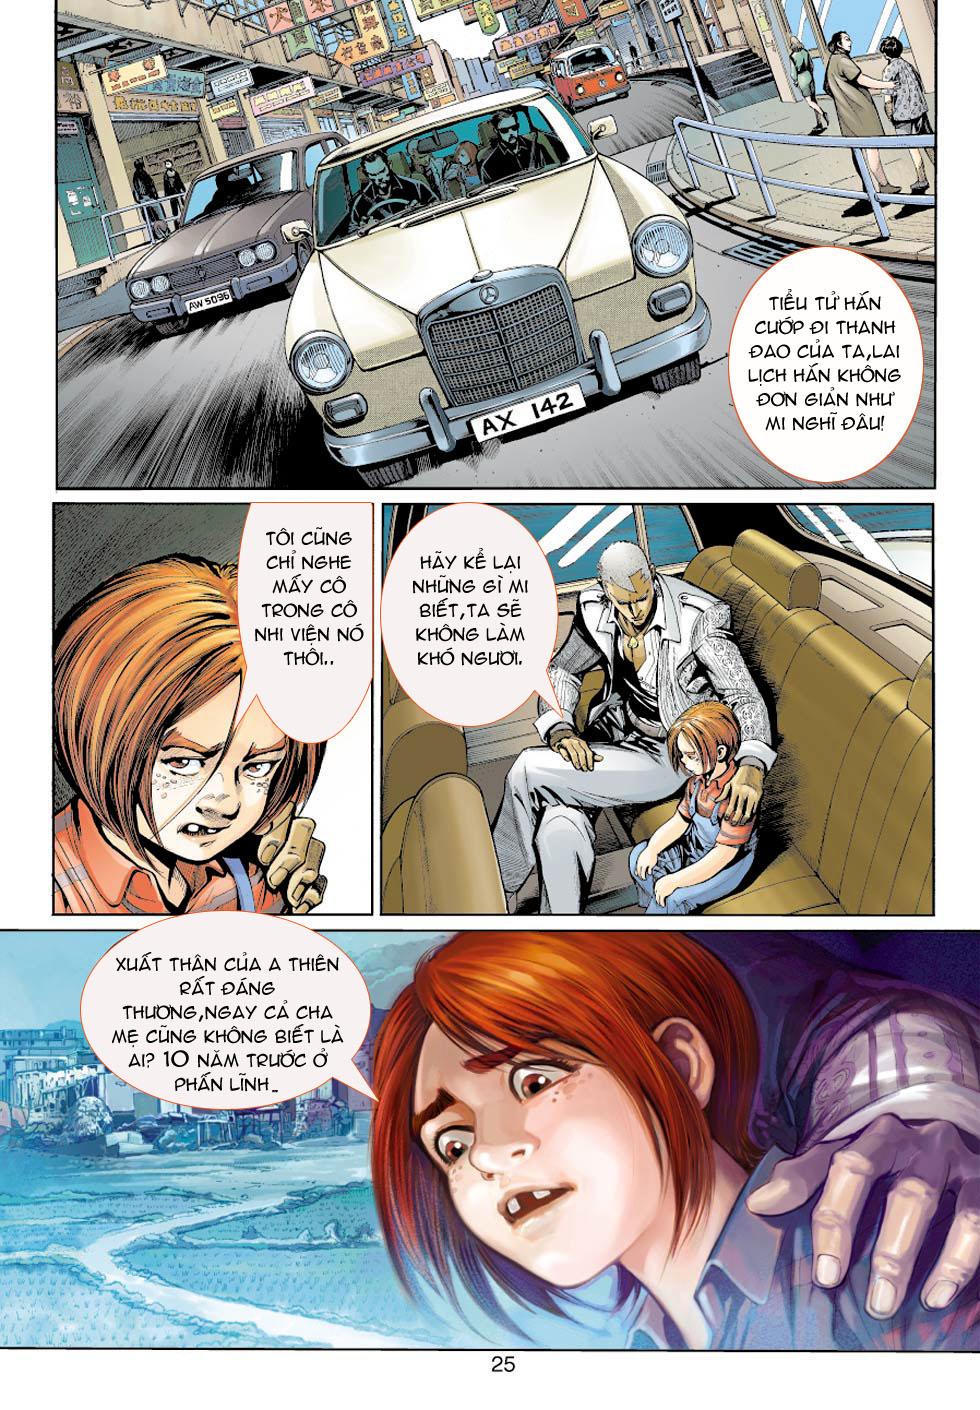 Thần Binh 4 chap 5 - Trang 25